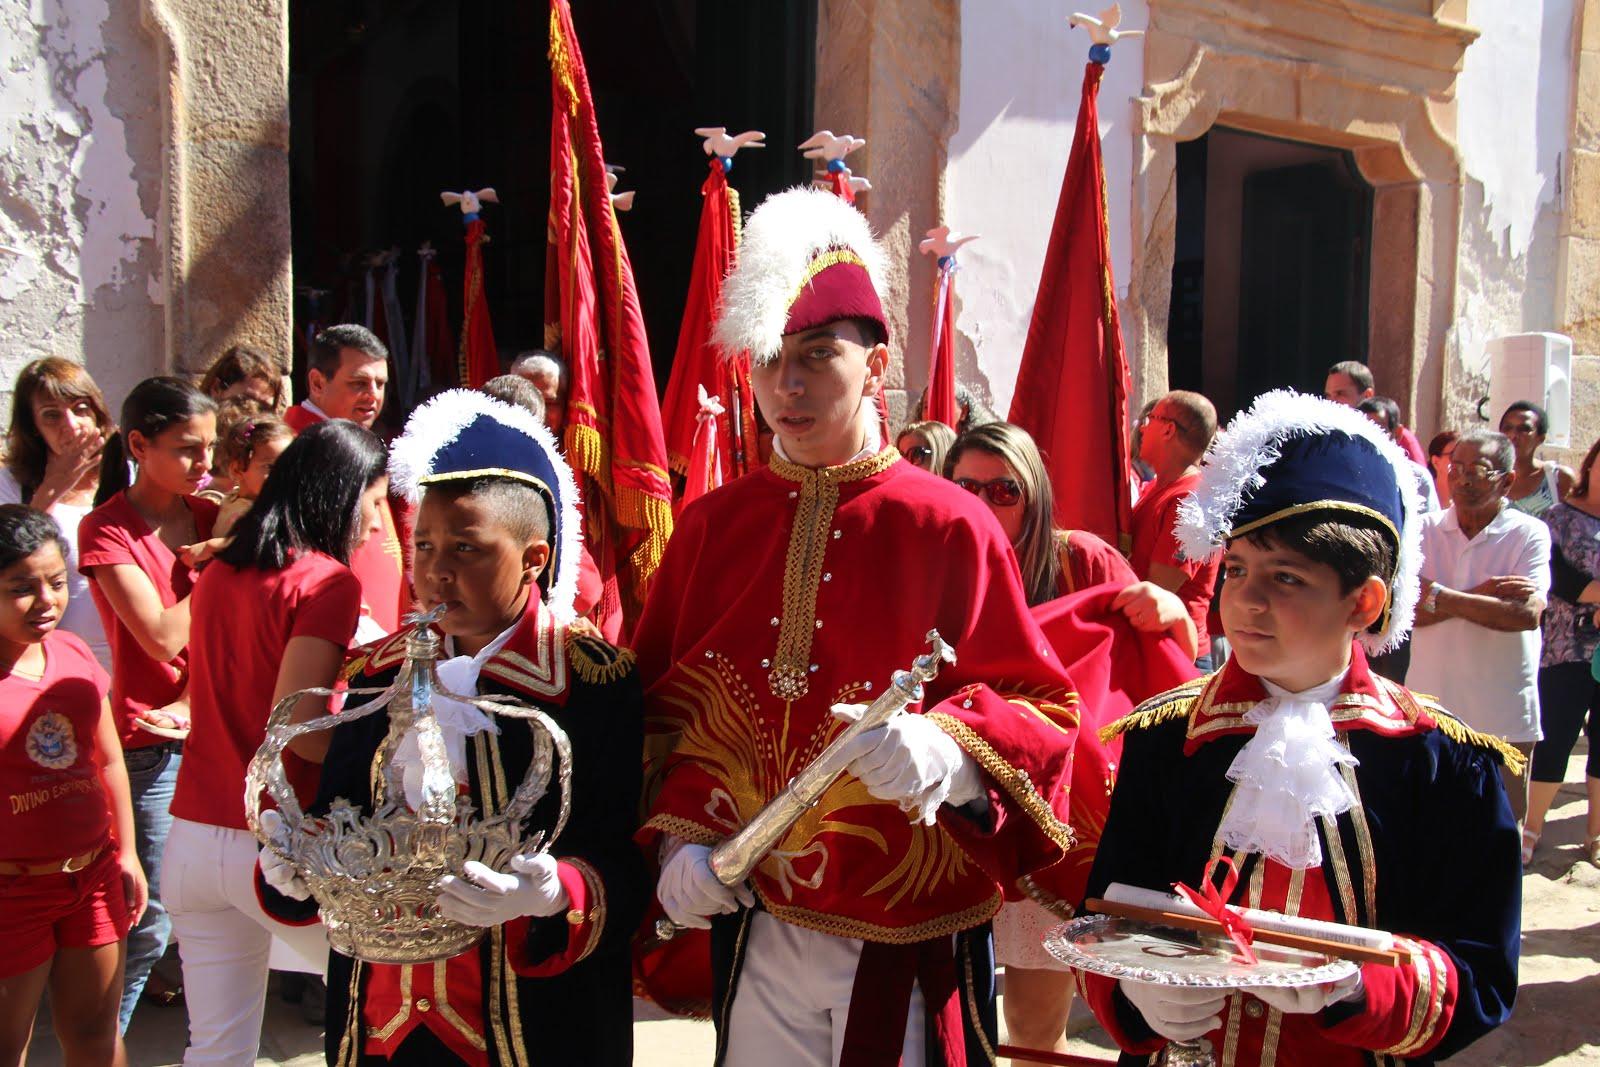 Festa do Divino 2015